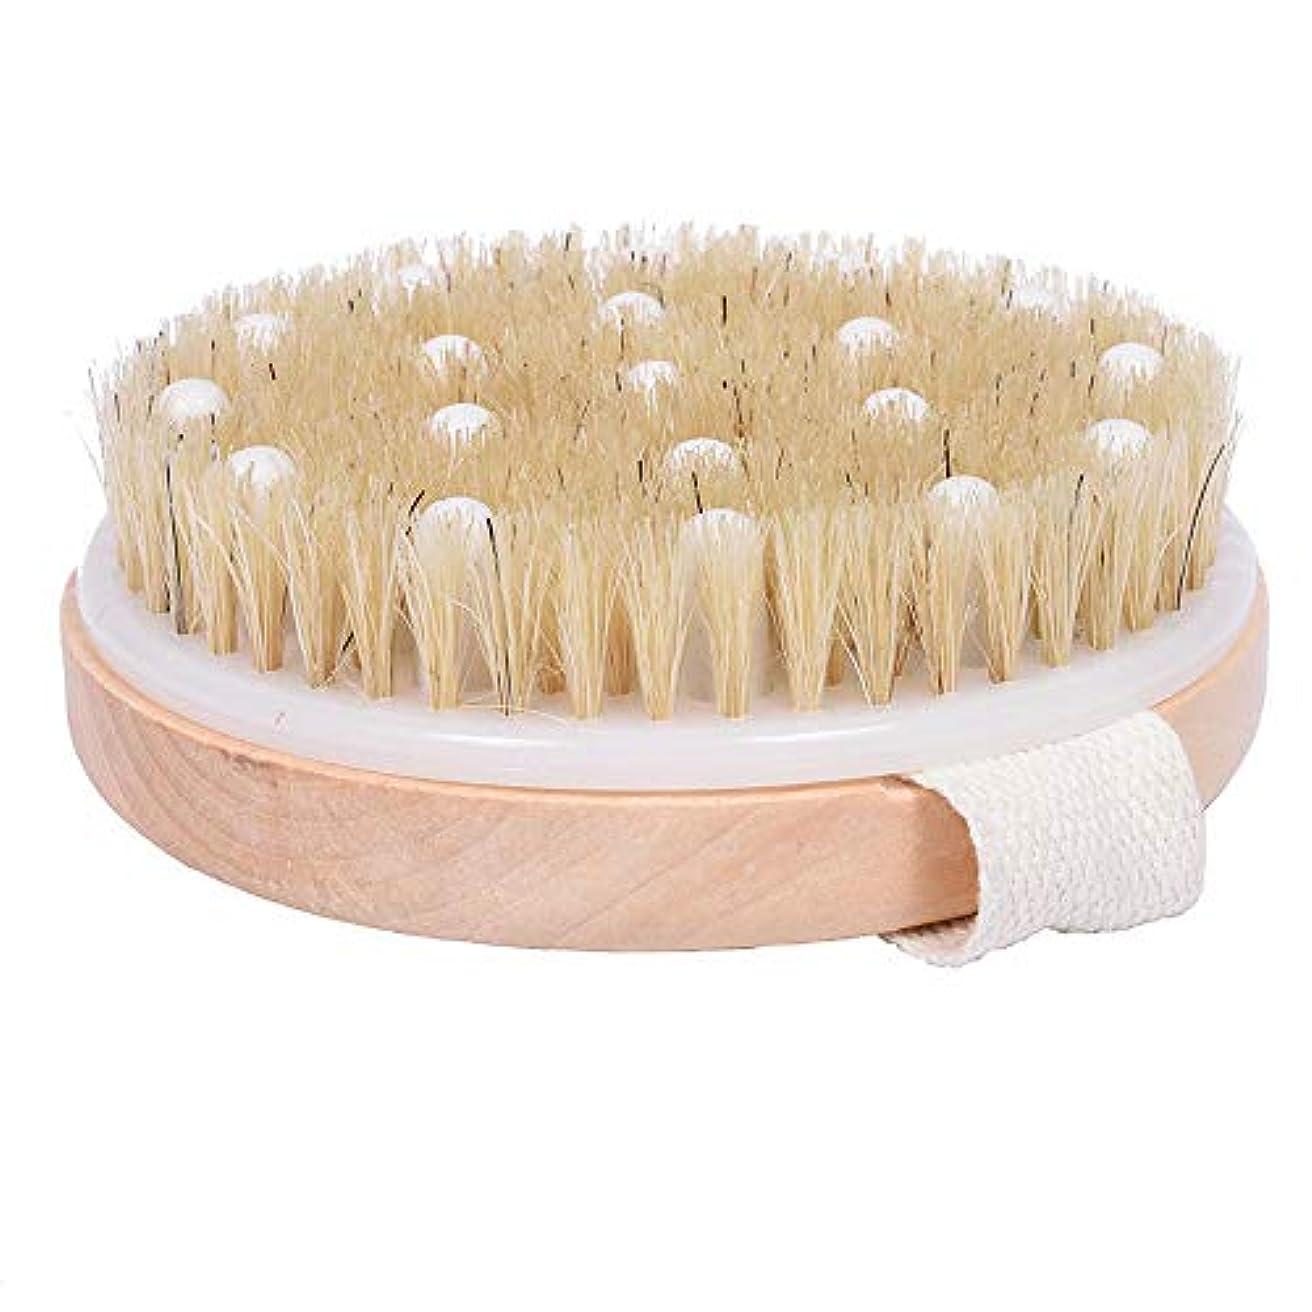 書士書士リハーサルRAYNAG ボディブラシ 浴用ブラシ マッサージ 体洗い 豚毛 ソフトビーズ 木 洗いやすい バスルーム 浴室 入浴 お風呂グッズ